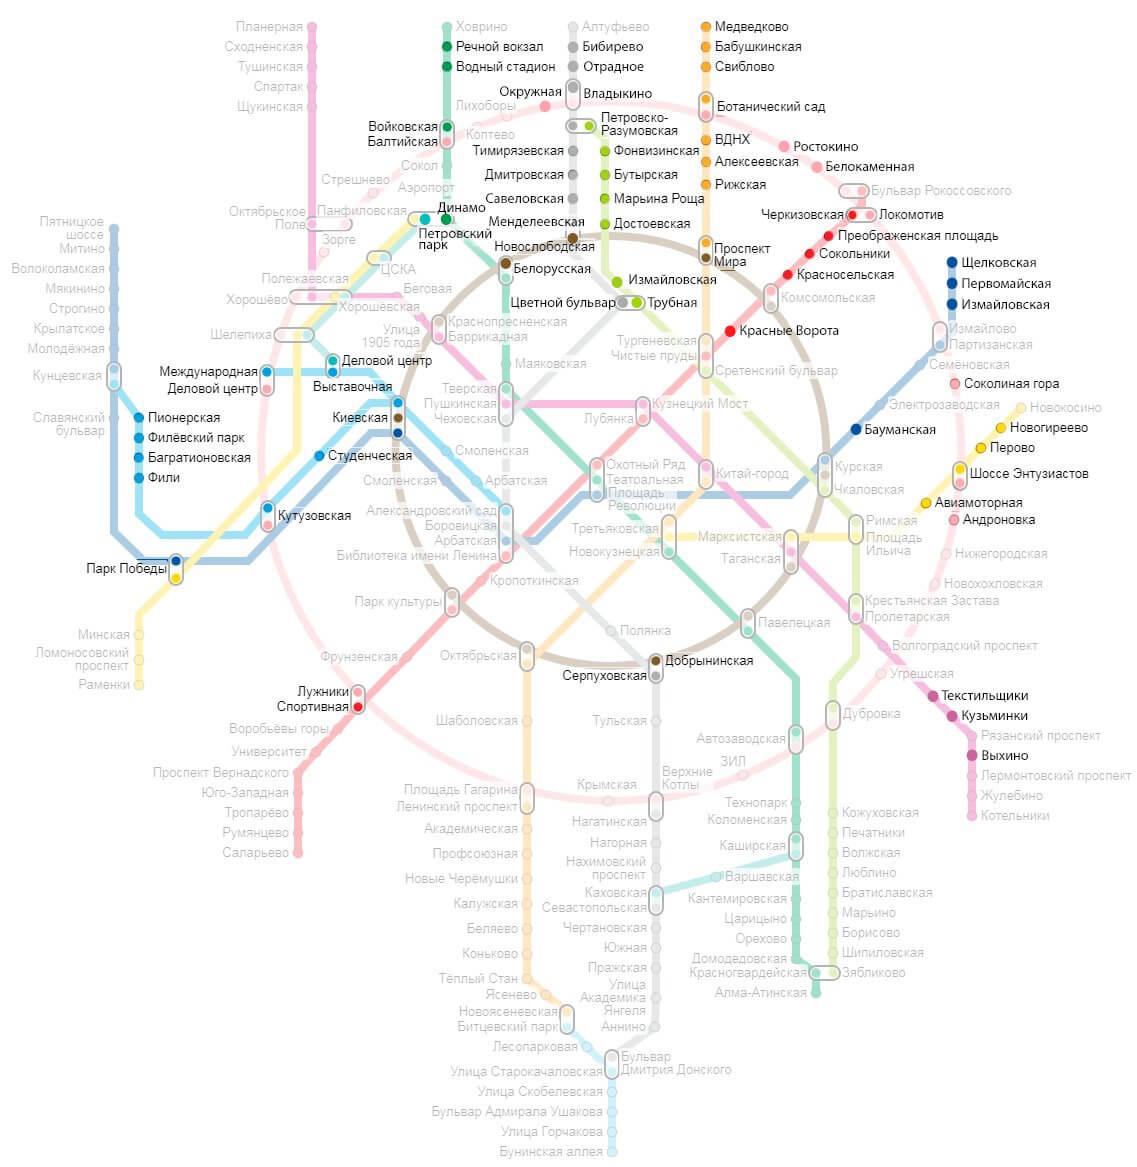 Карта метро москвы 2020 с расчётом времени и новыми станциями м савеловская